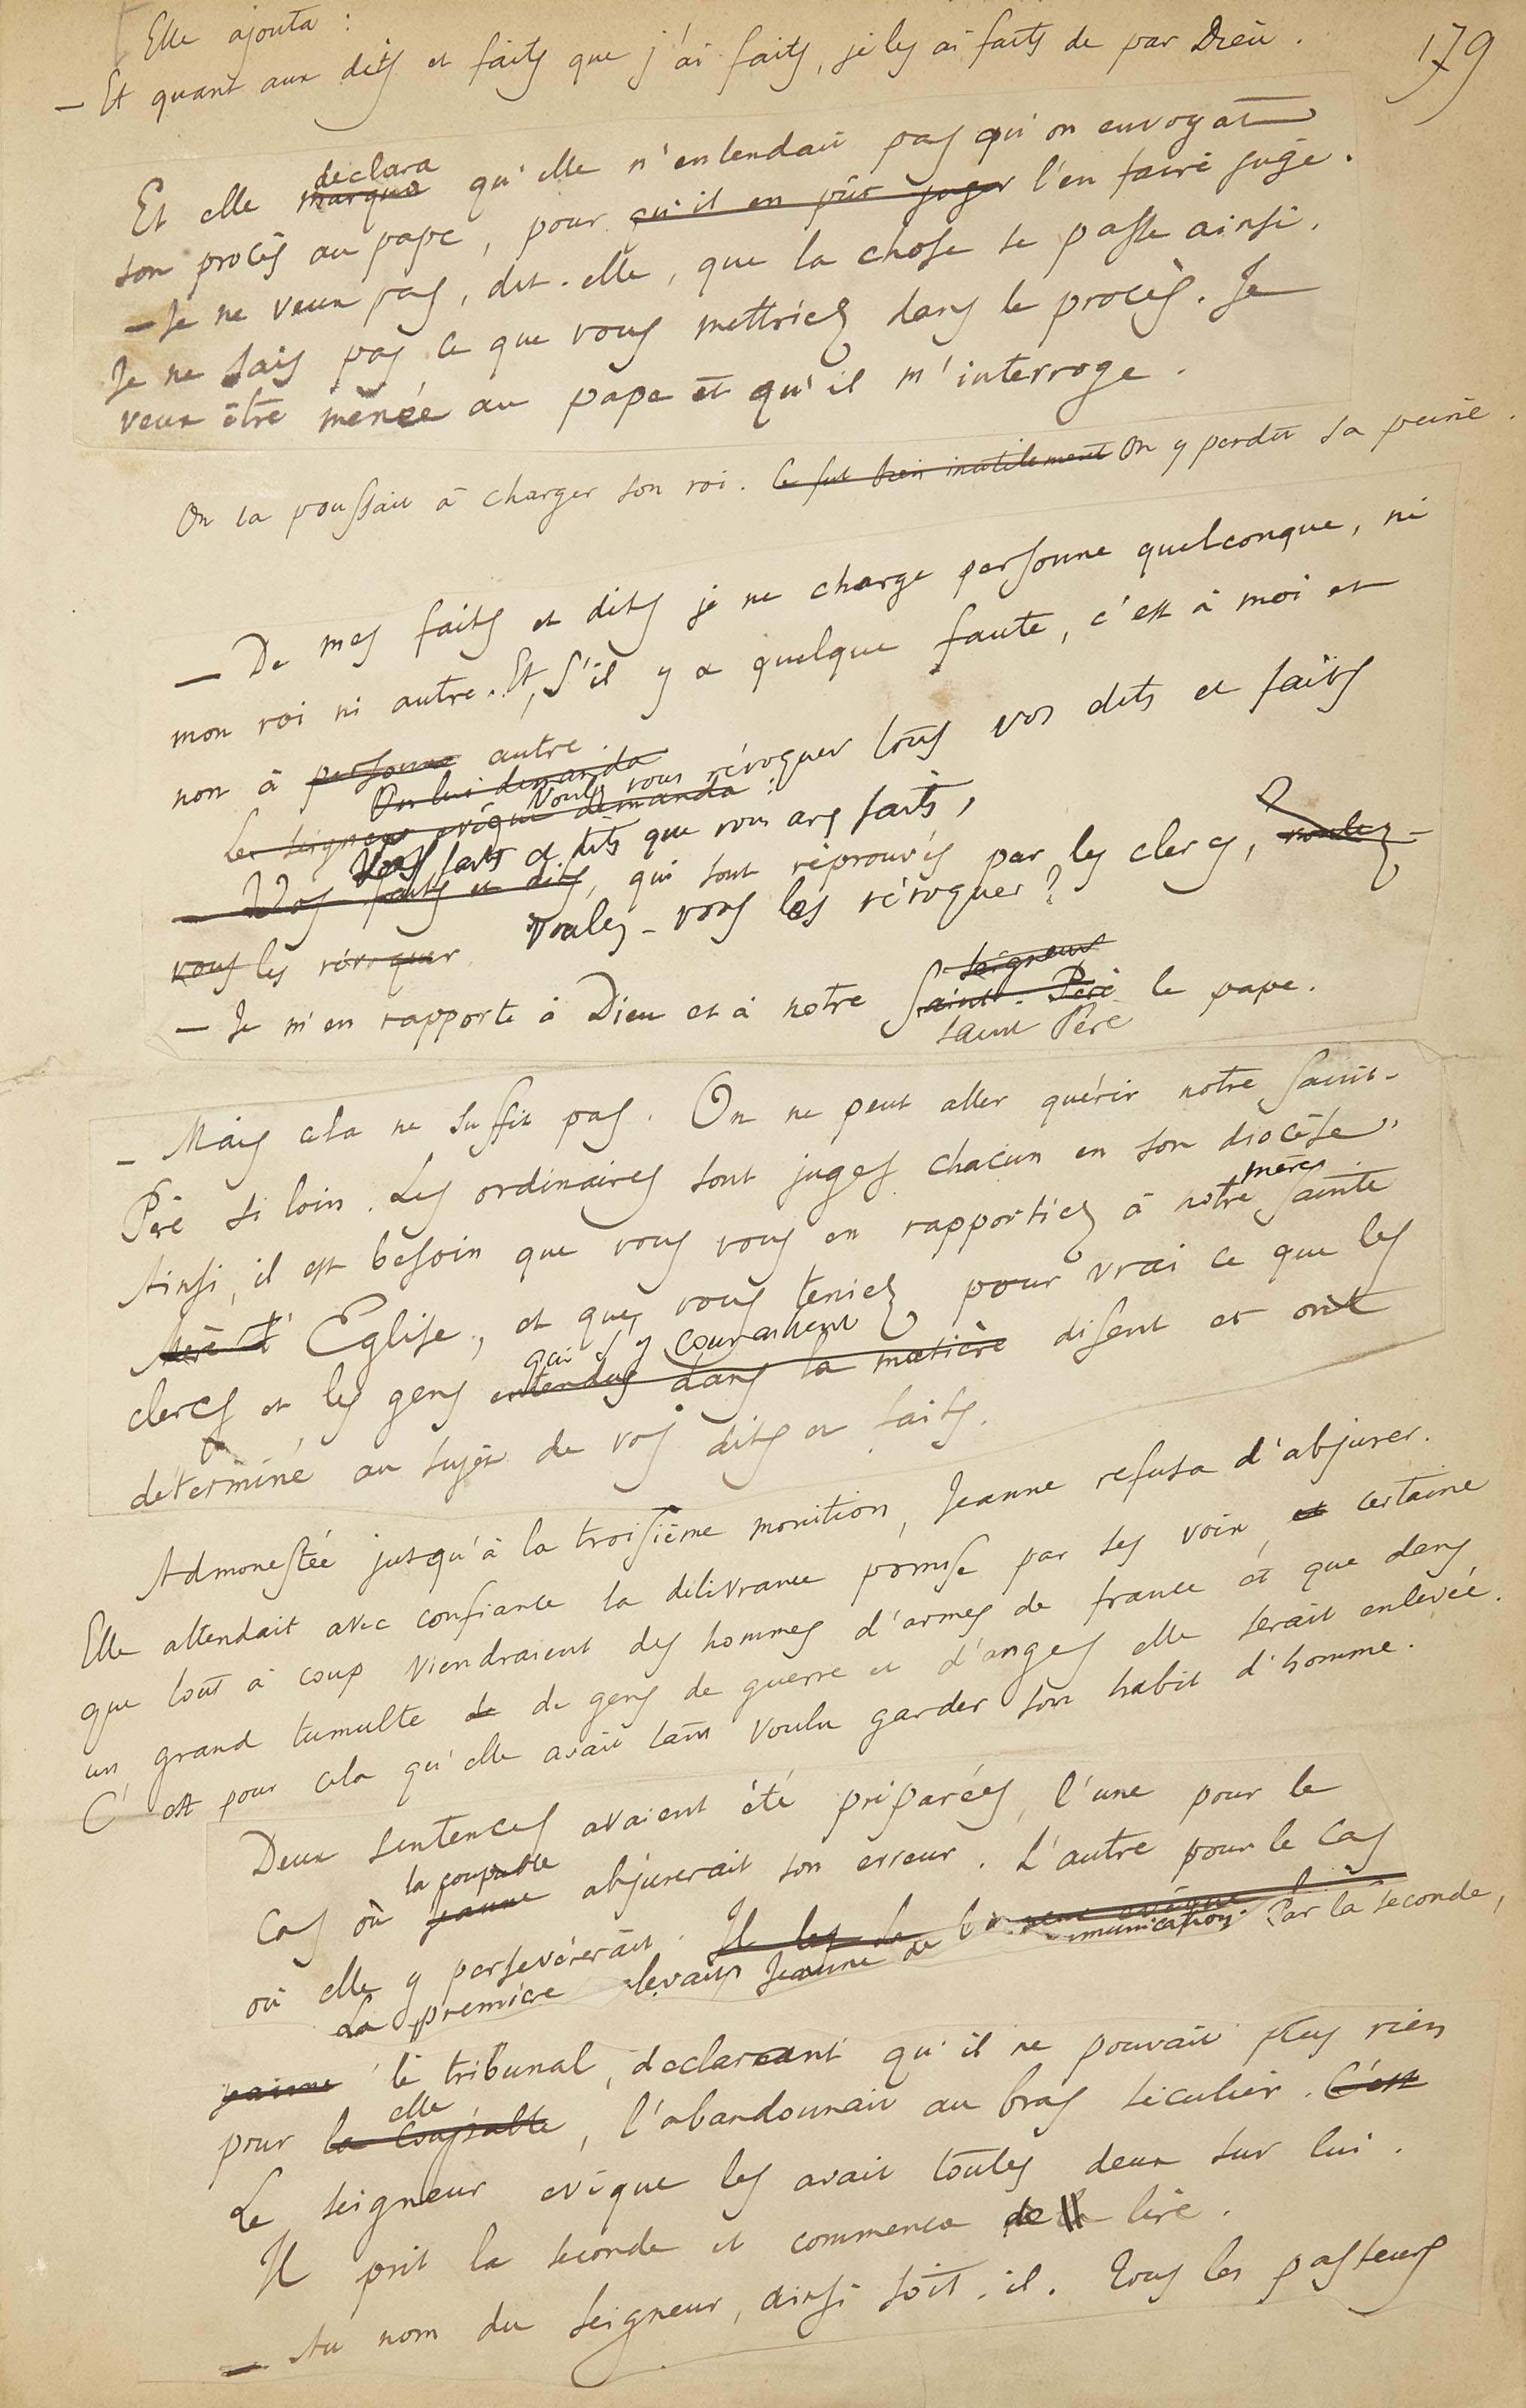 FRANCE, Anatole (1844-1924). [Vie de Jeanne d'Arc.] Réunion de deux manuscrits autographes, un seul signé. Provenance: collection René Gimpel.